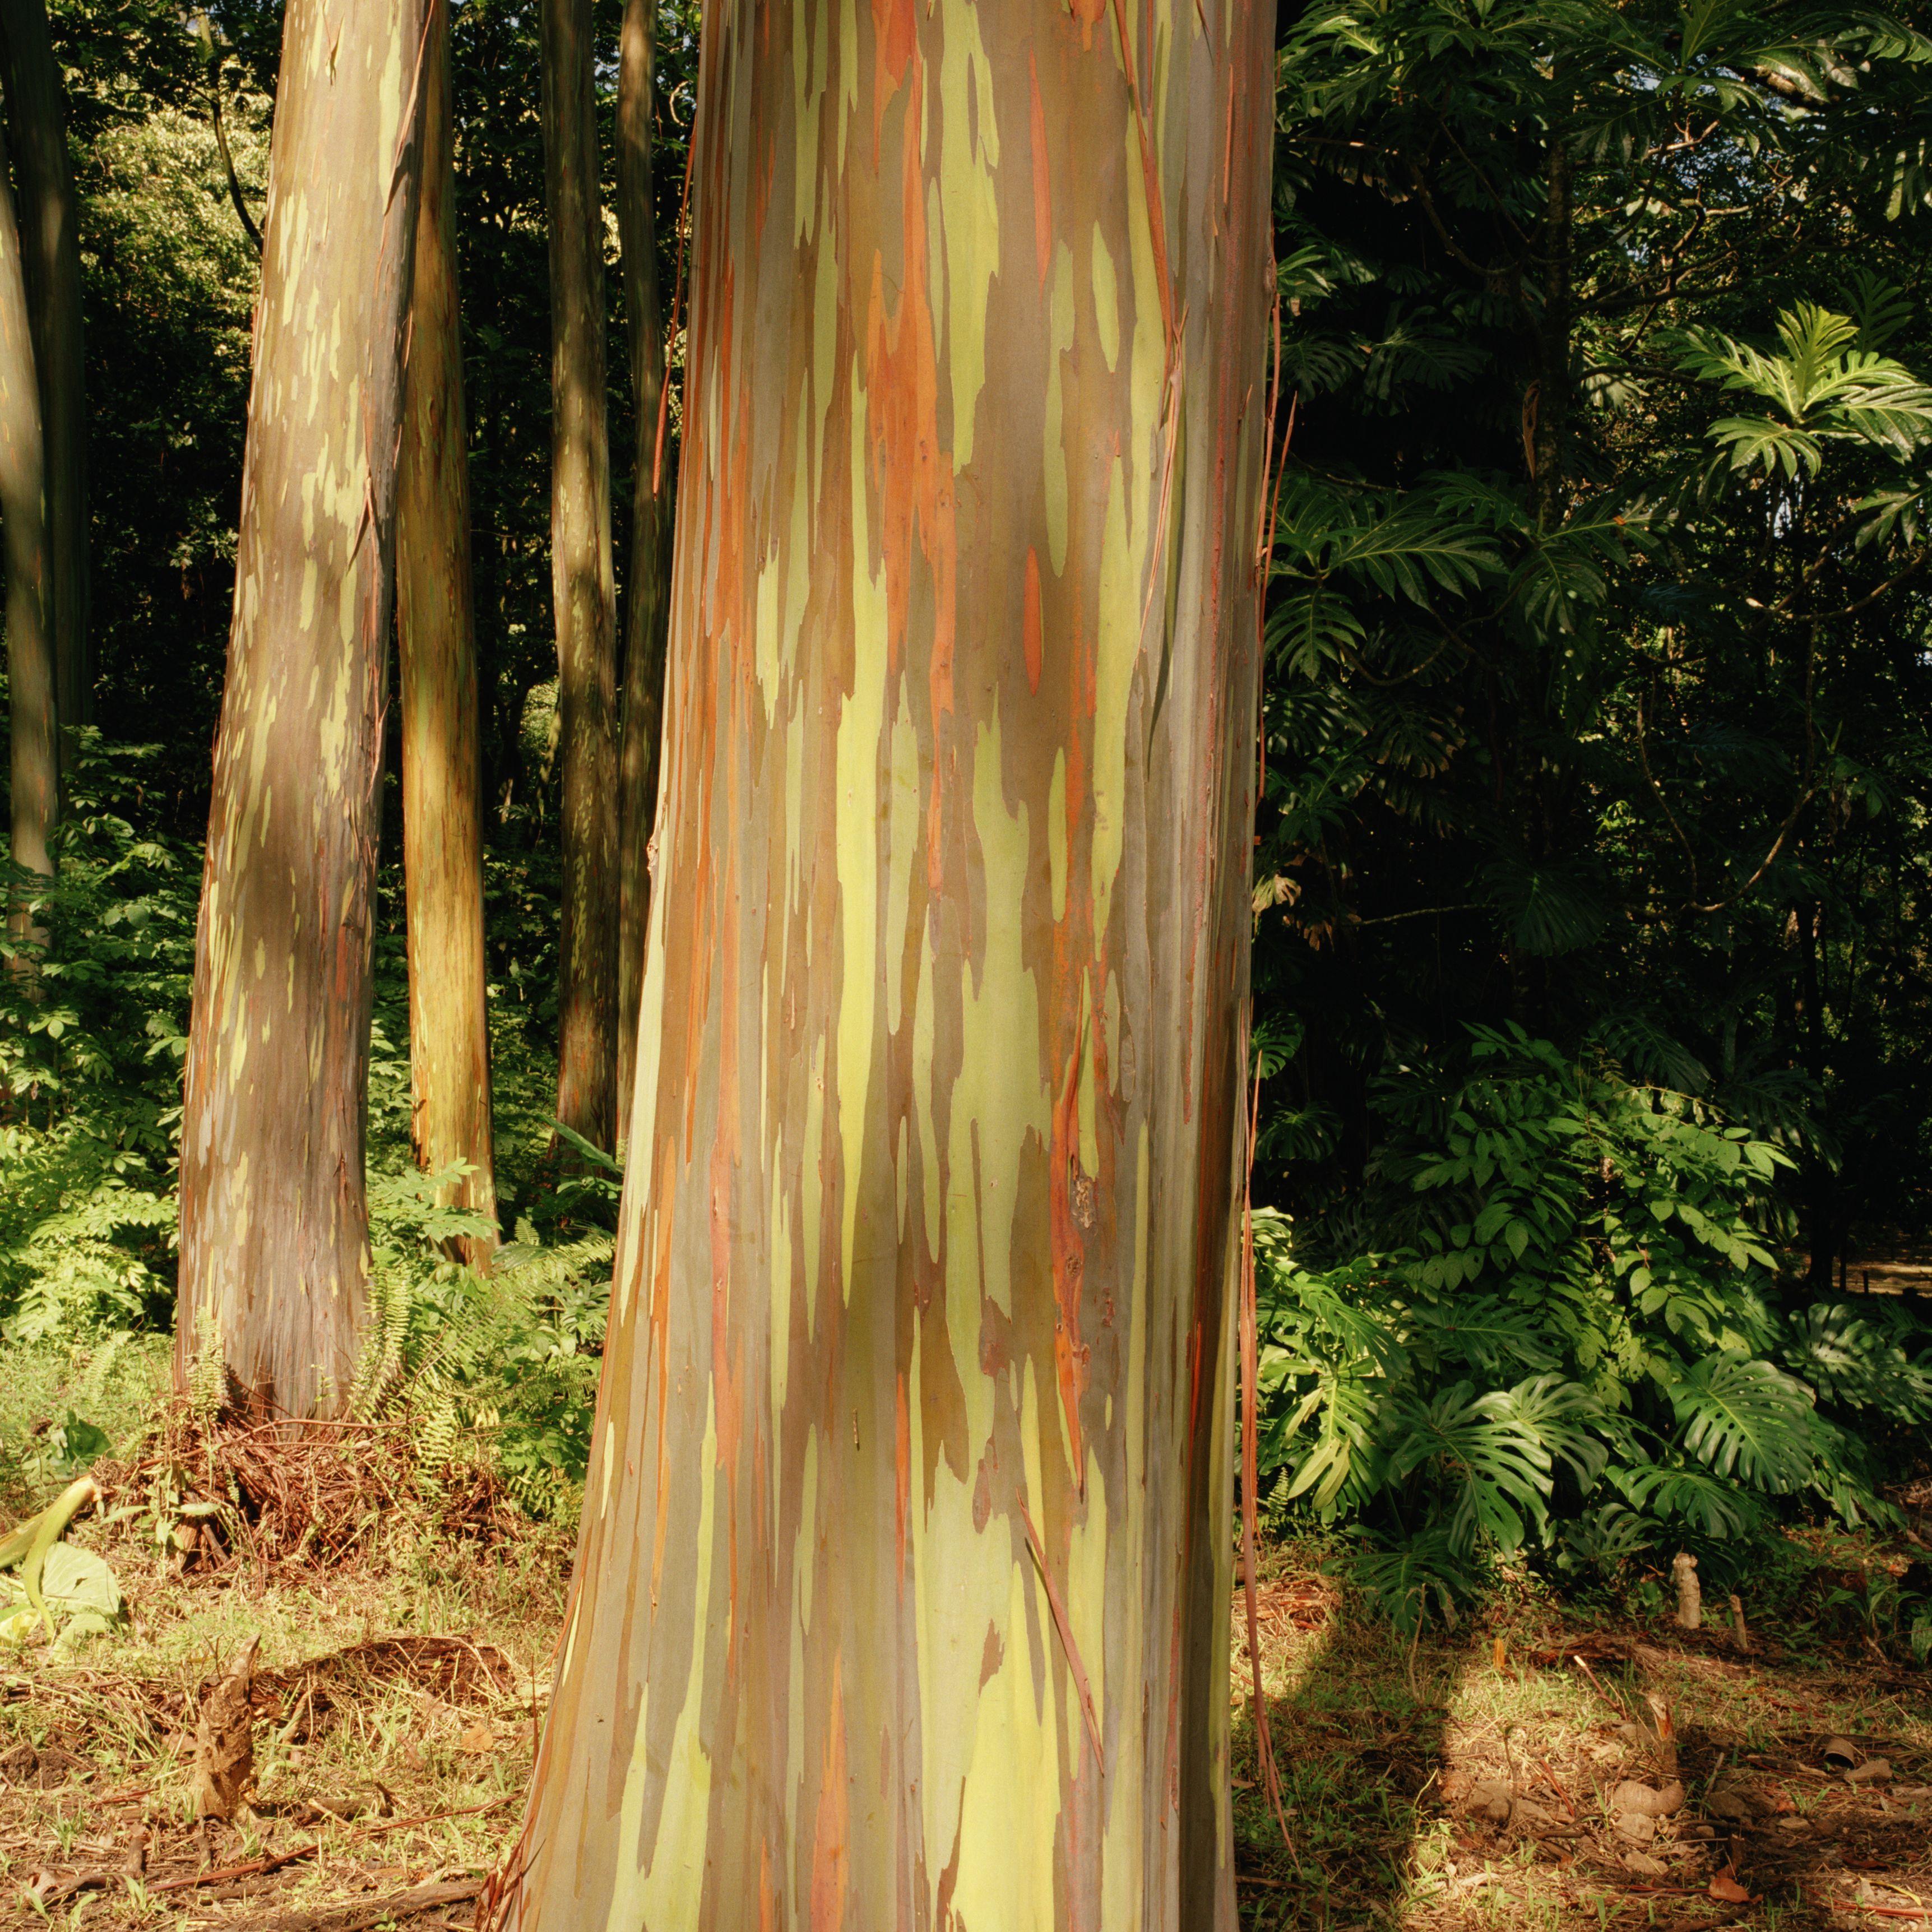 Rainbow Eucalyptus Trees, Keanae Arboretum